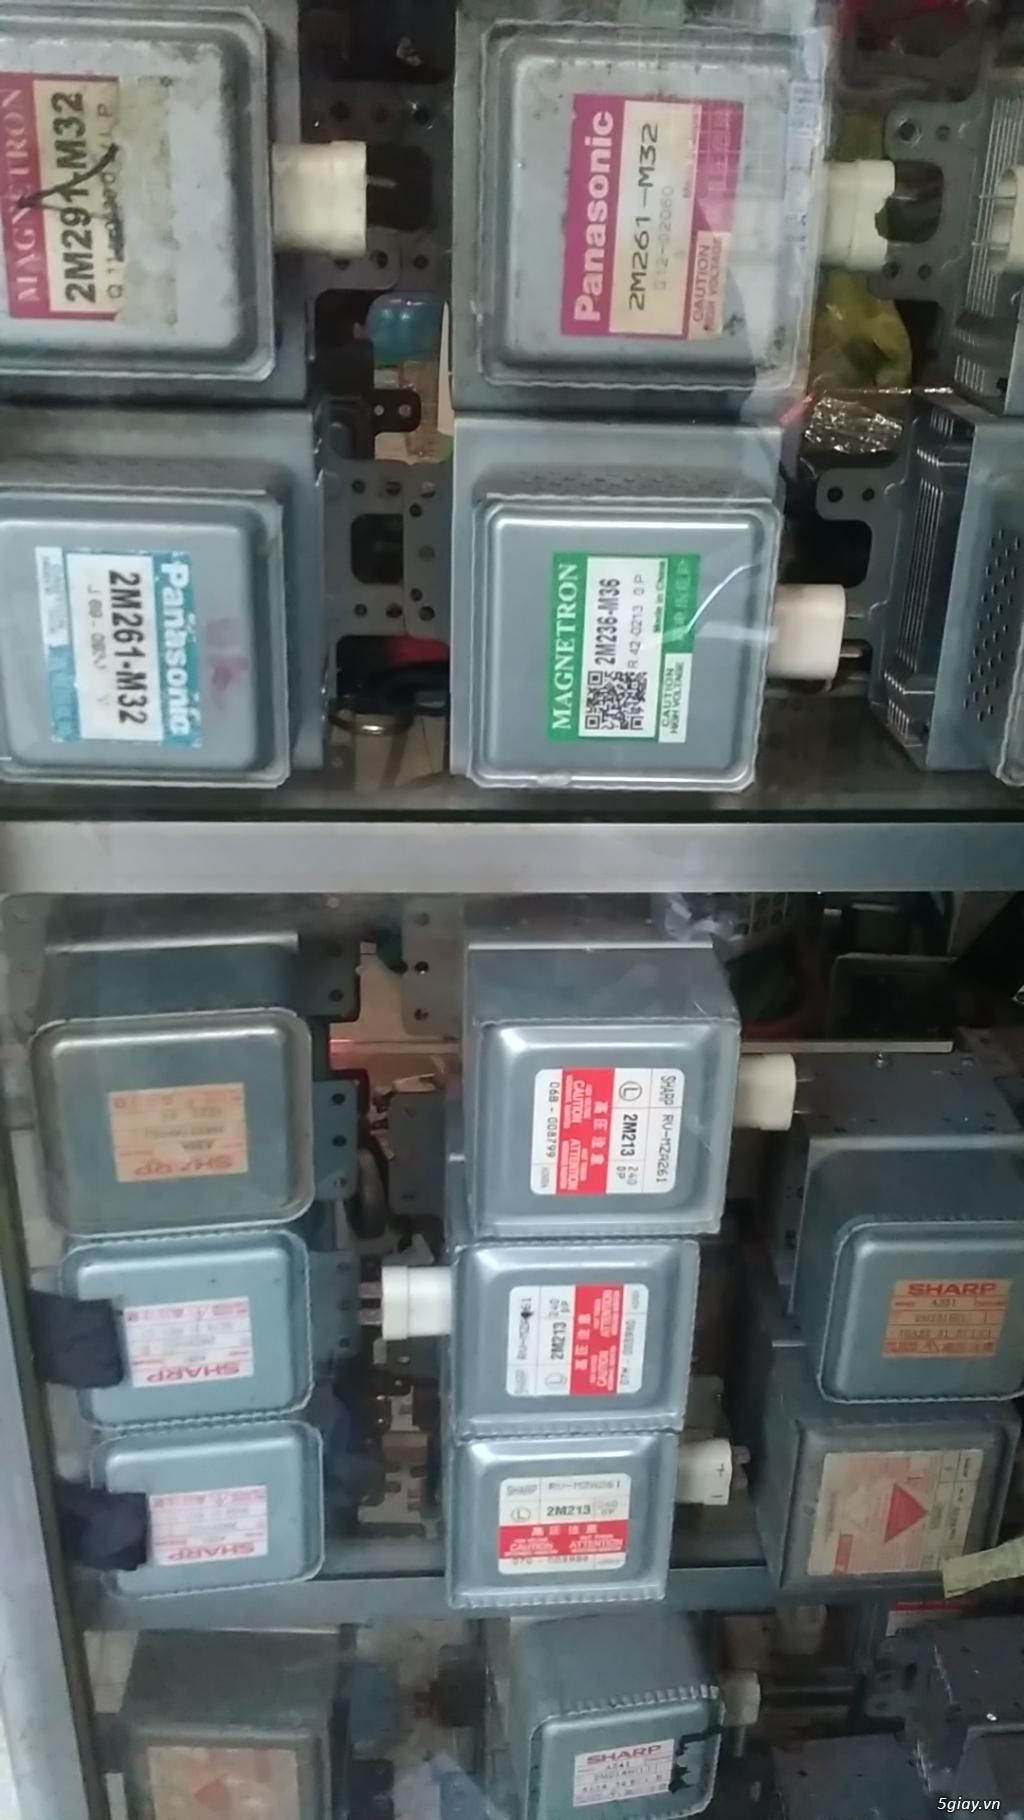 Chuyên sửa lò vi sóng, sửa bếp điện từ, sửa bếp hồng ngoại, sửa nồi áp suất, 0908244258, .... - 11